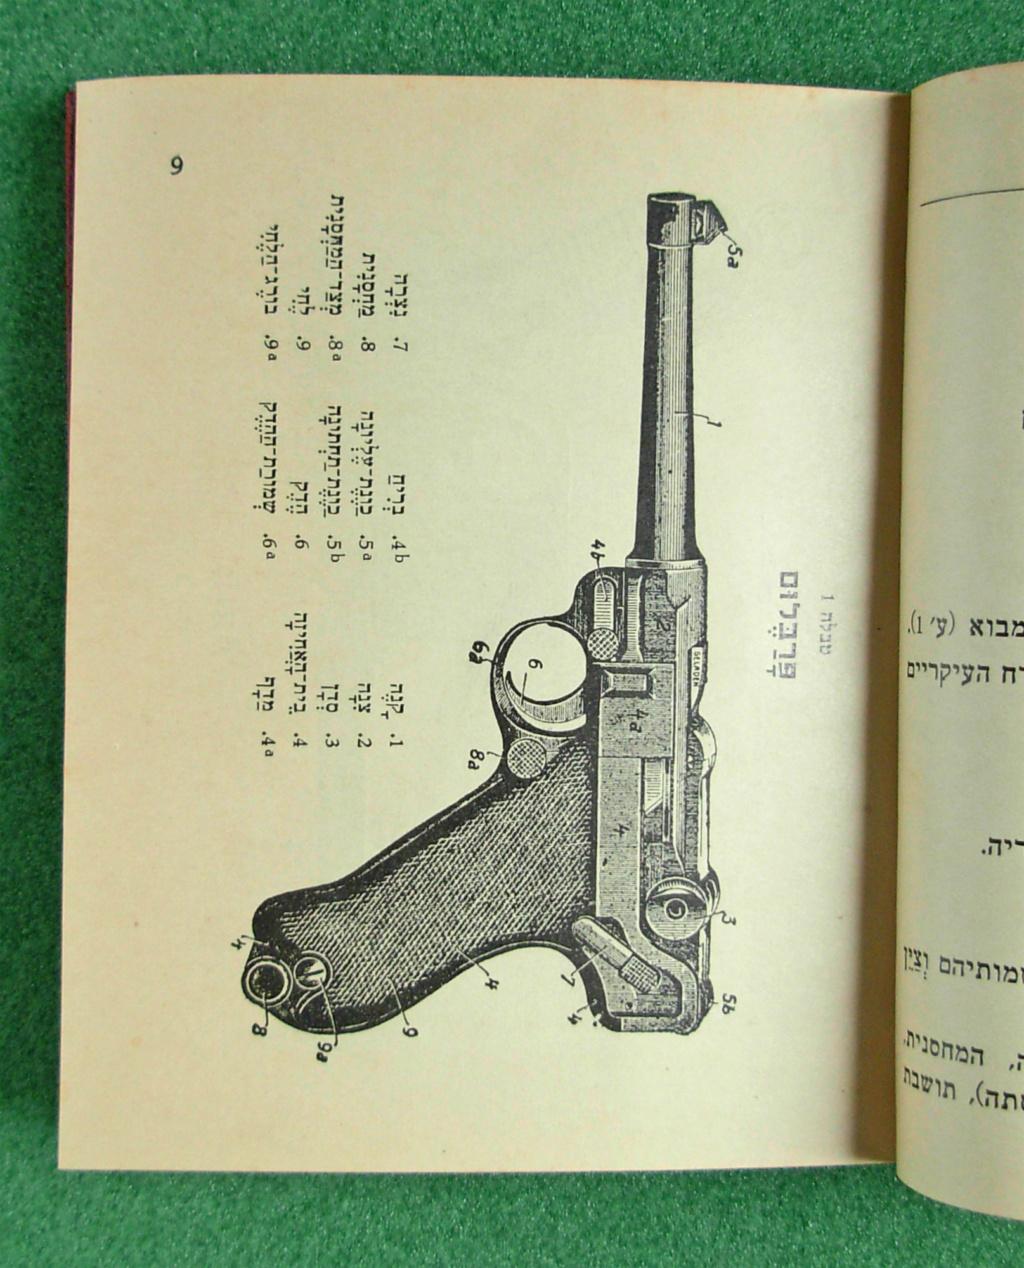 Livrets et manuels du Luger P08 et Parabellum - Page 2 Dscn5226